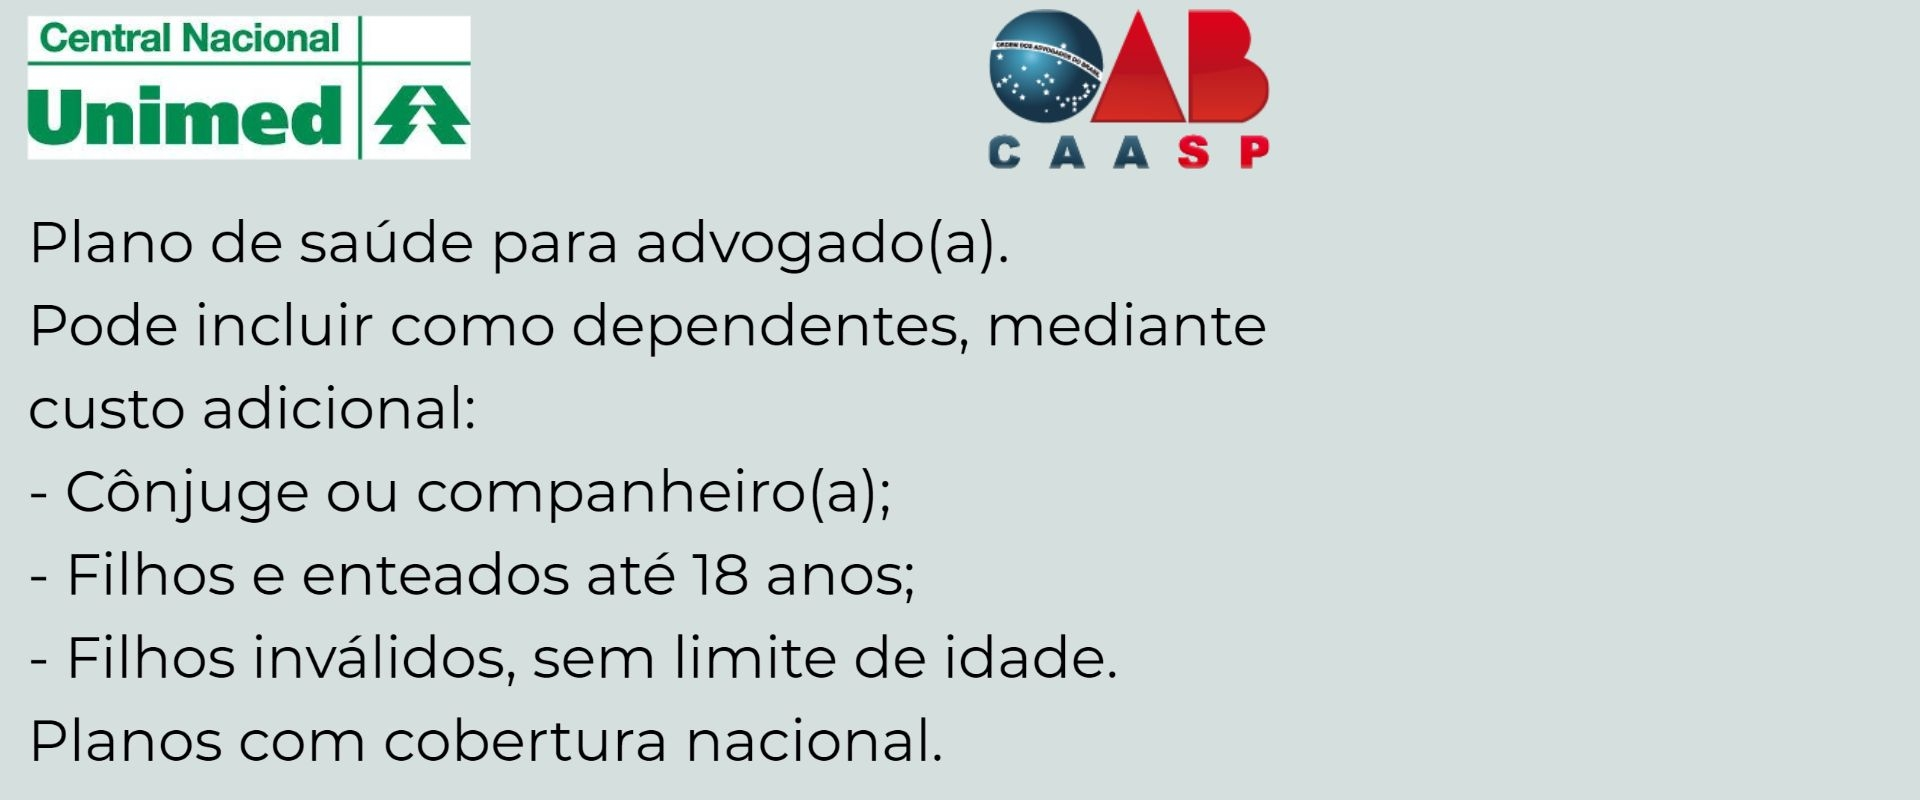 Unimed CAASP Tupã